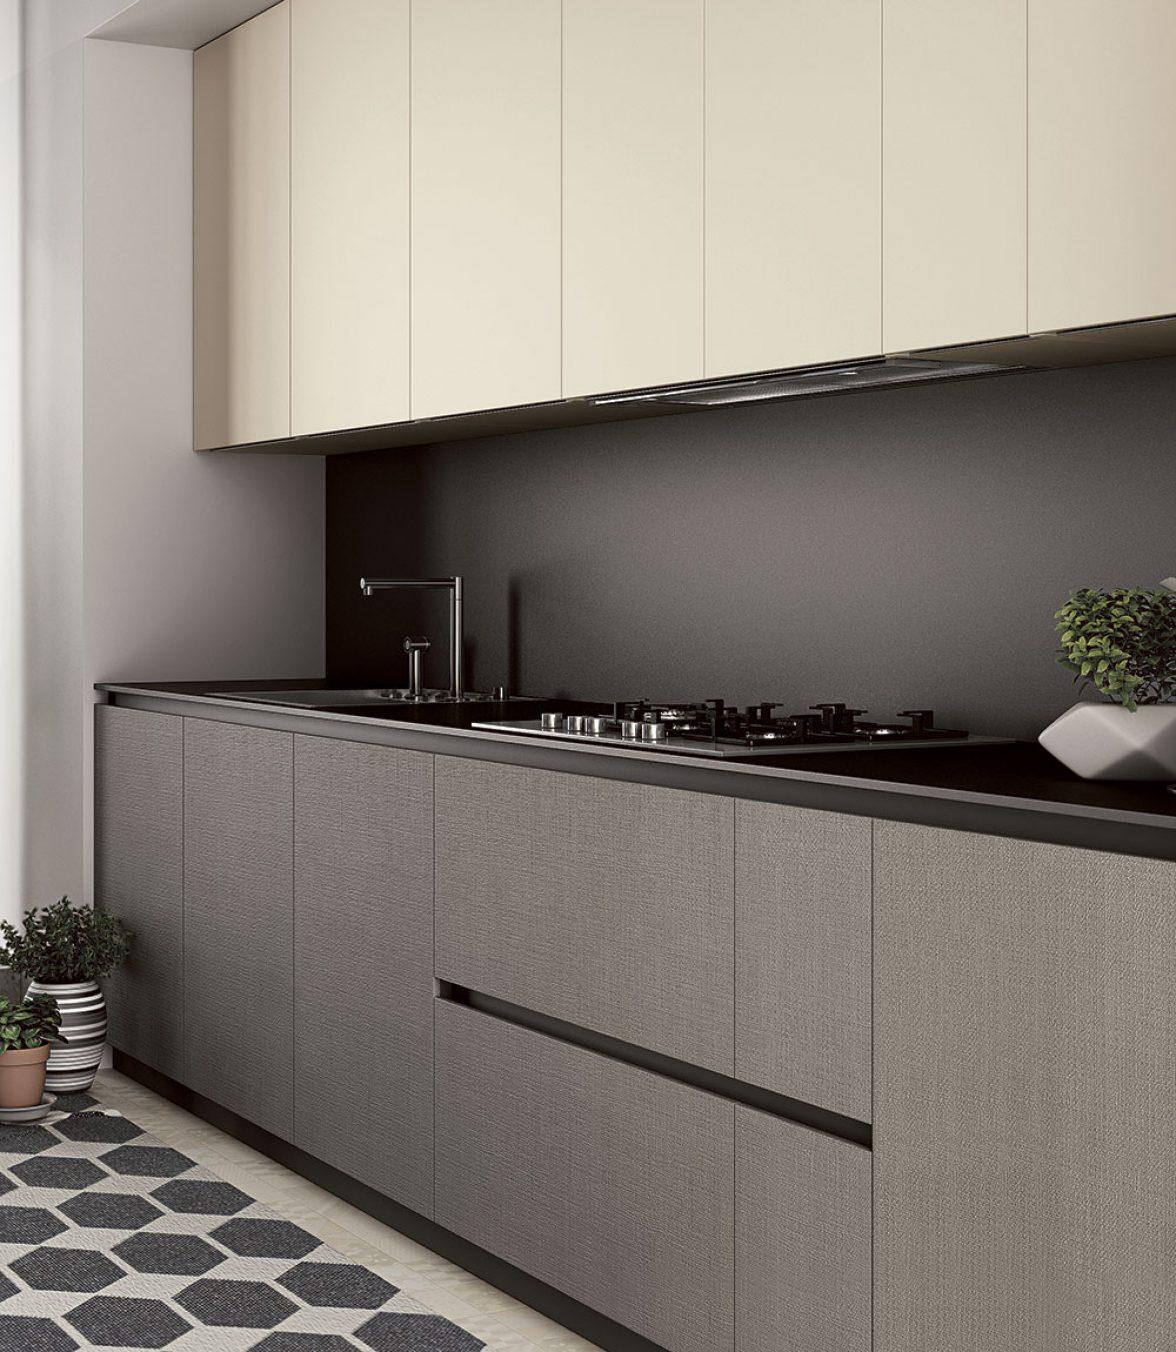 Kitchen Hardware: A Design Statement